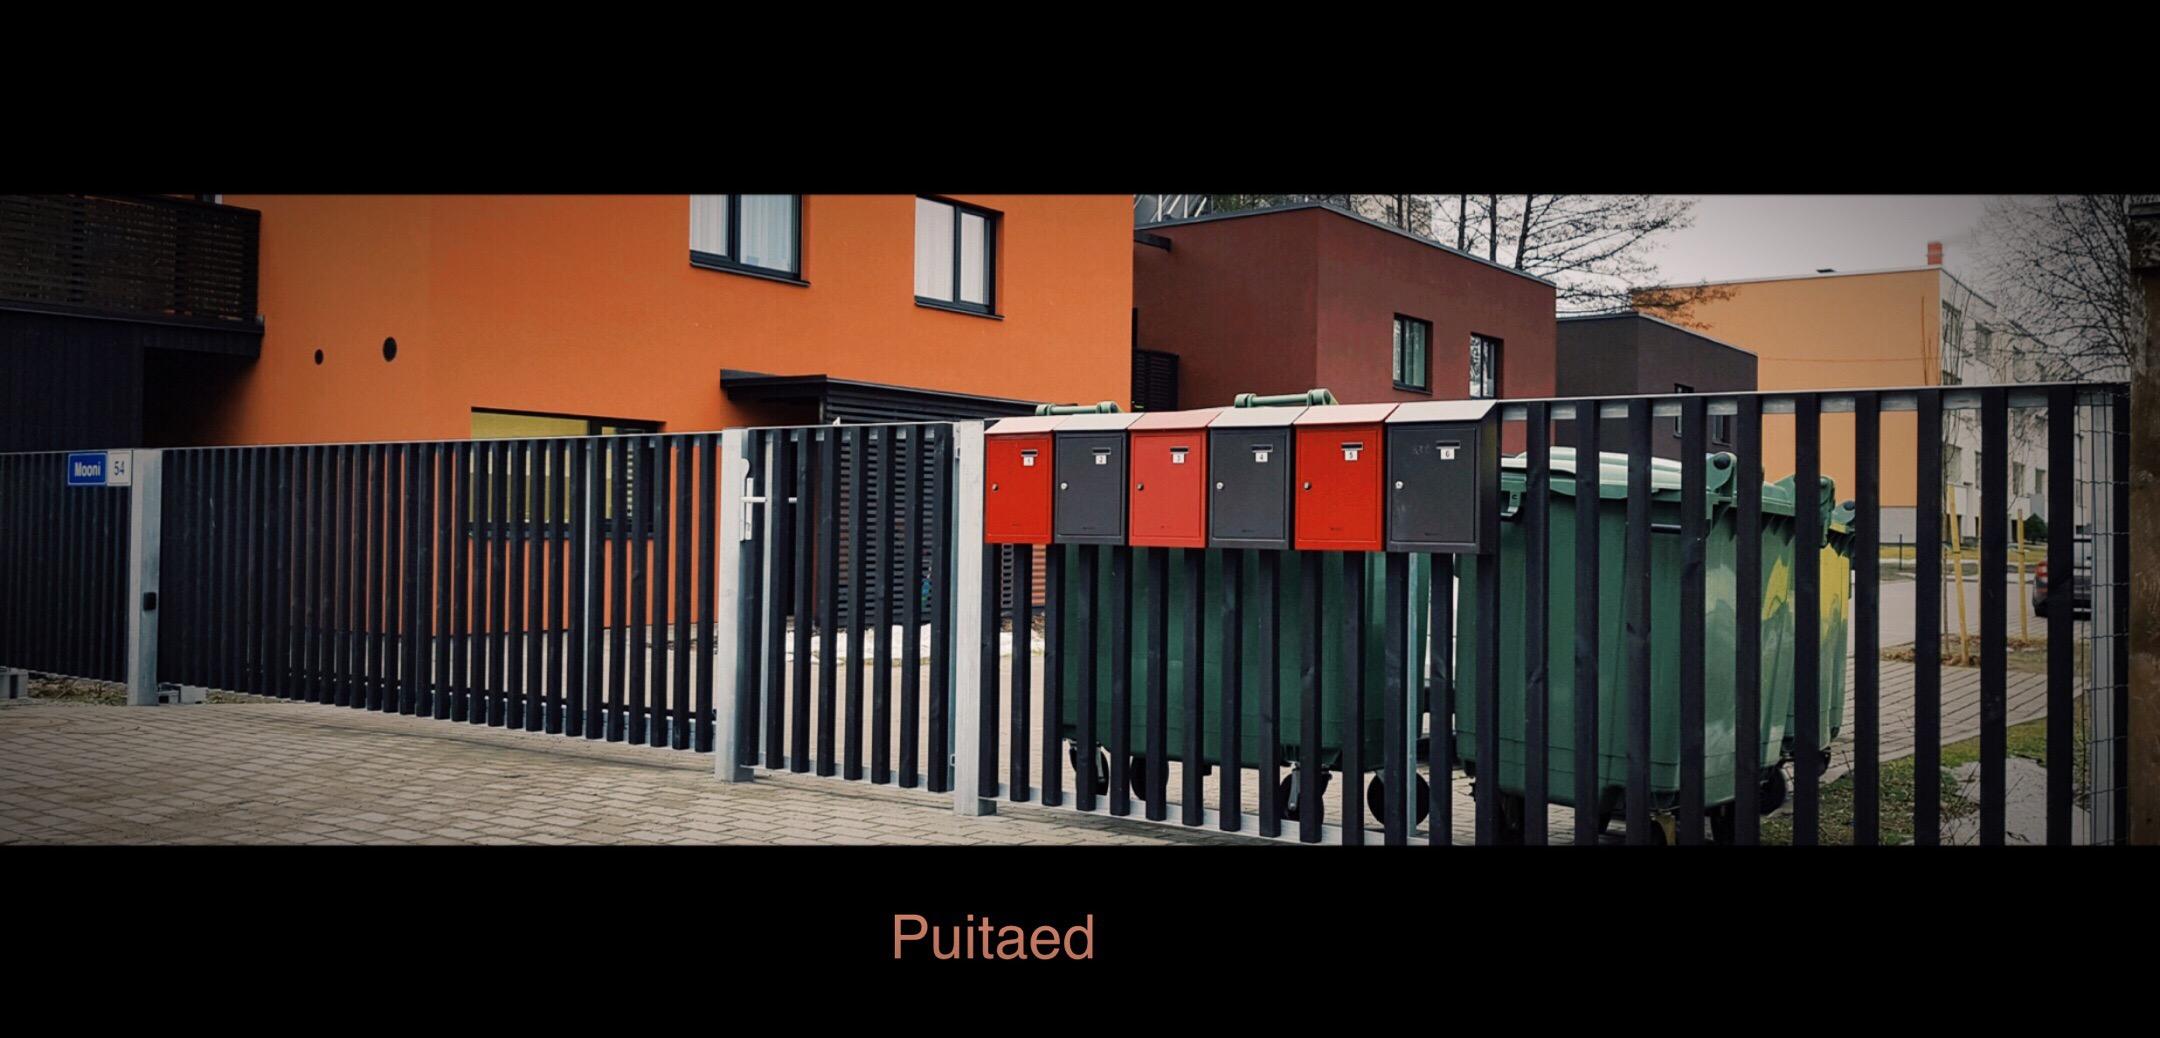 Puitaed, tiibväravad, sommer väravaautomaatika, piirdeaed